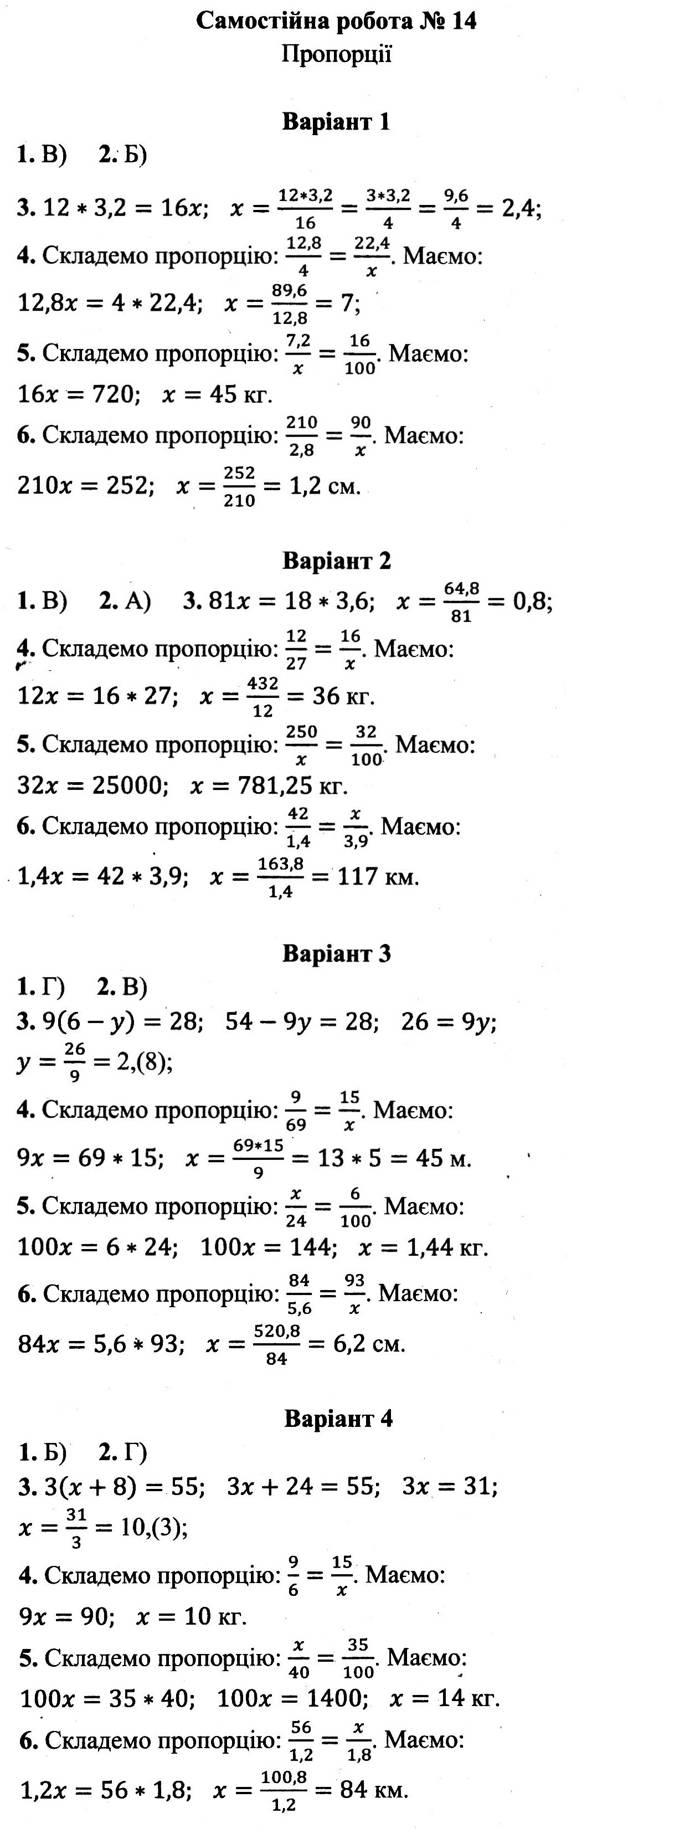 Розв'язання завдань до самостійної роботи 14 посібника 6 клас Математика Мерзляк (збірник самостійних робіт і тестів) 2020 рік